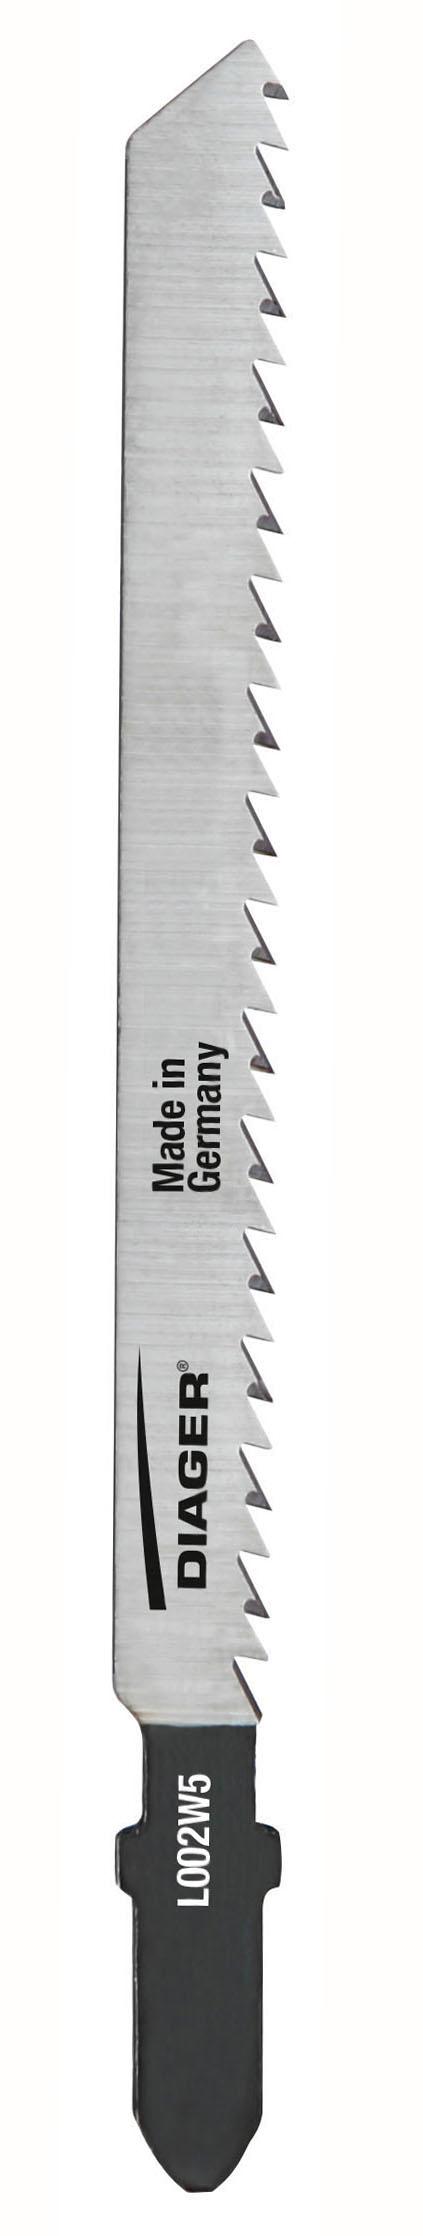 Sciage Bois et plastique 3-30 mm Lame de scie sauteuse pour coupes propres - L002W.jpg